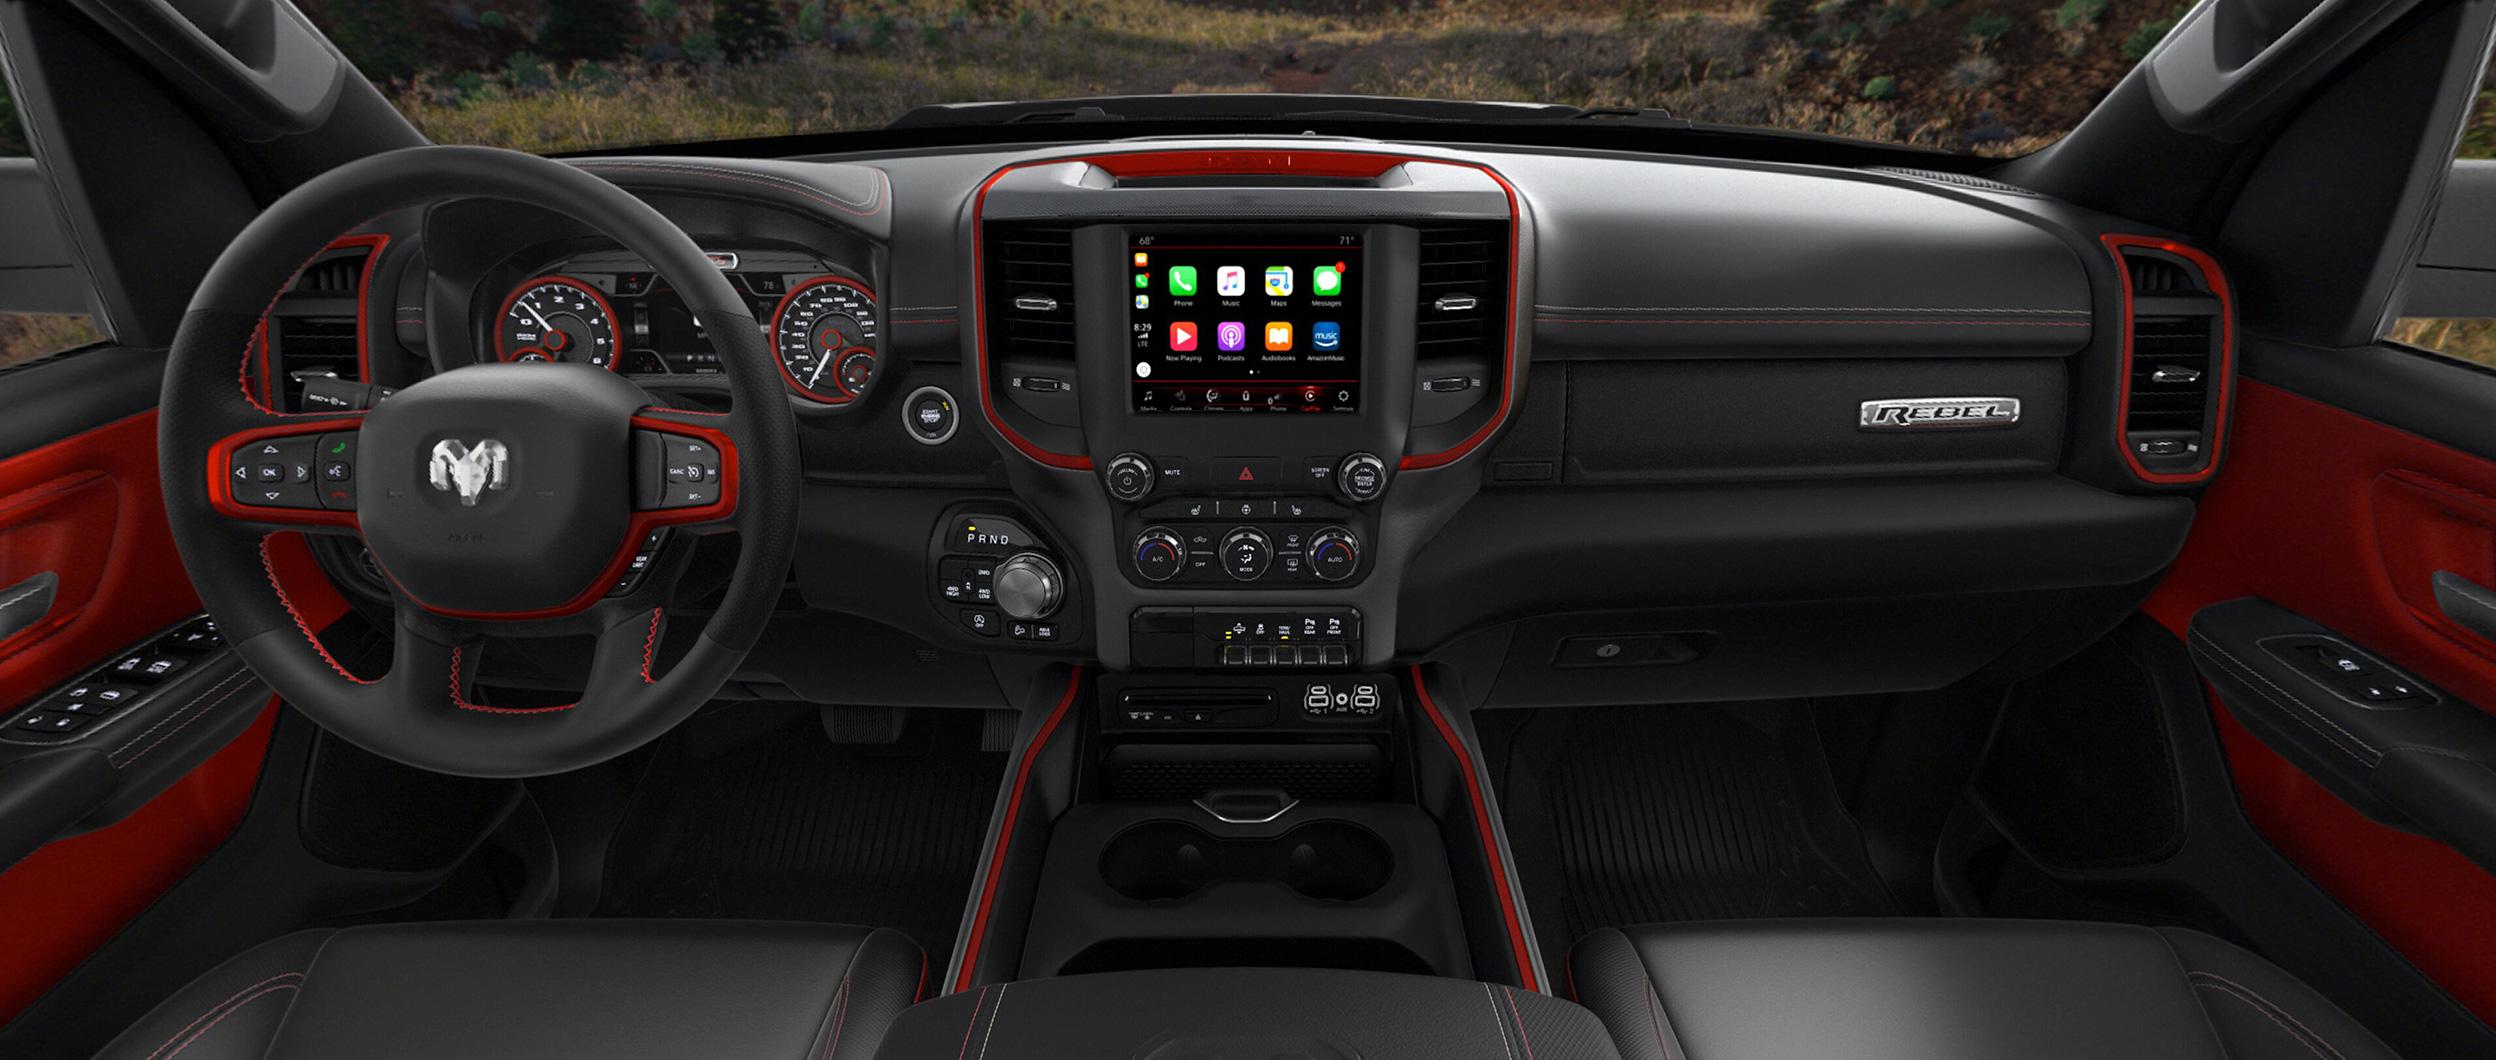 2021 Ram 1500 Dt Design Features Ram Canada